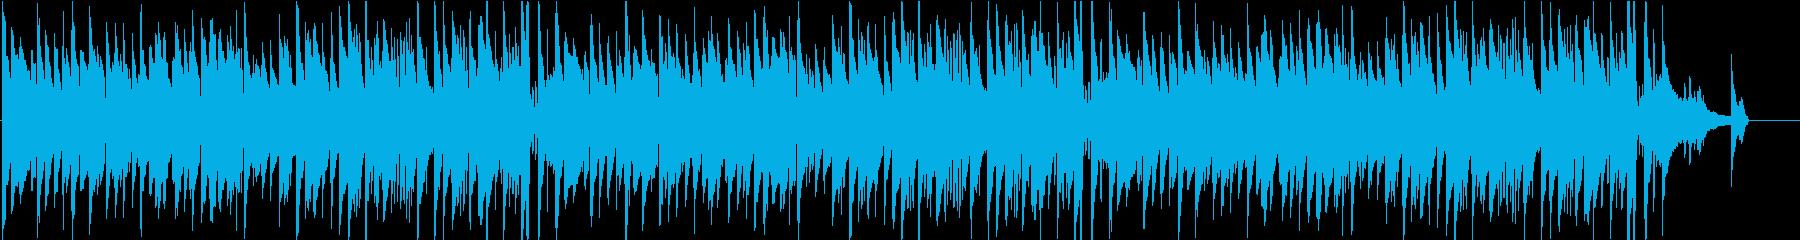 大人の時間を演出するスロースウィングの再生済みの波形